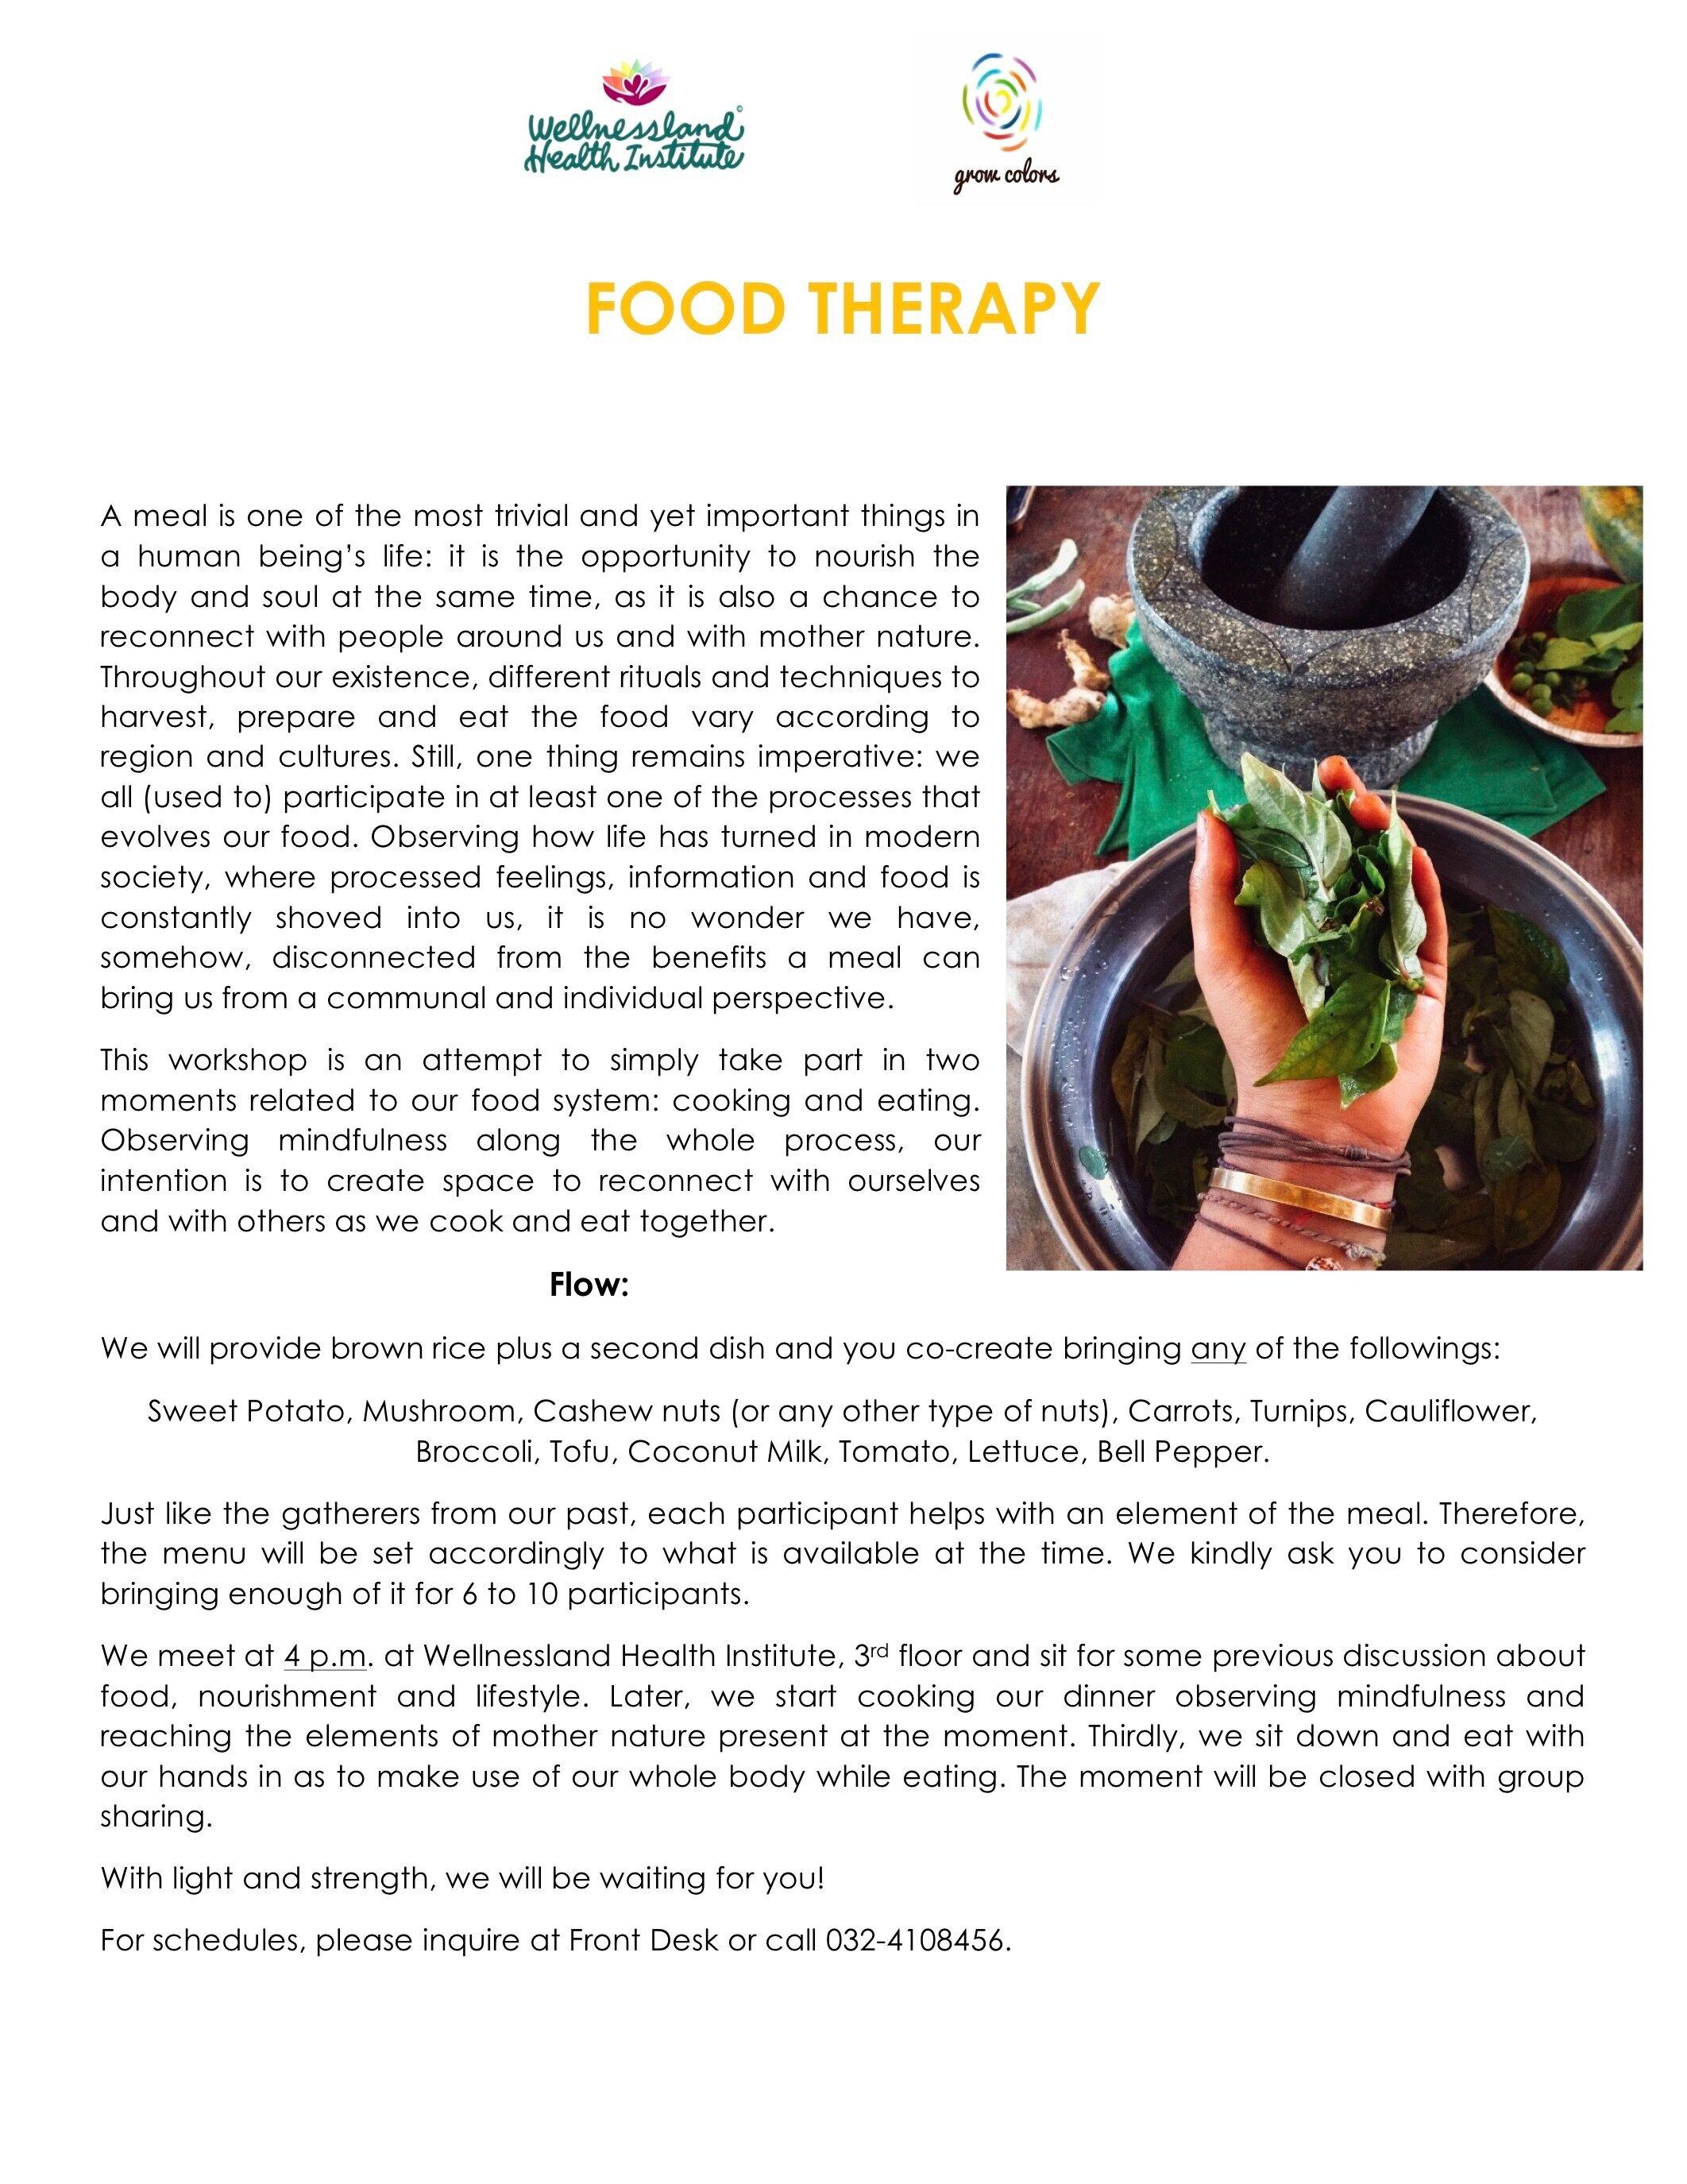 Food+Therapy+Workshop.jpg